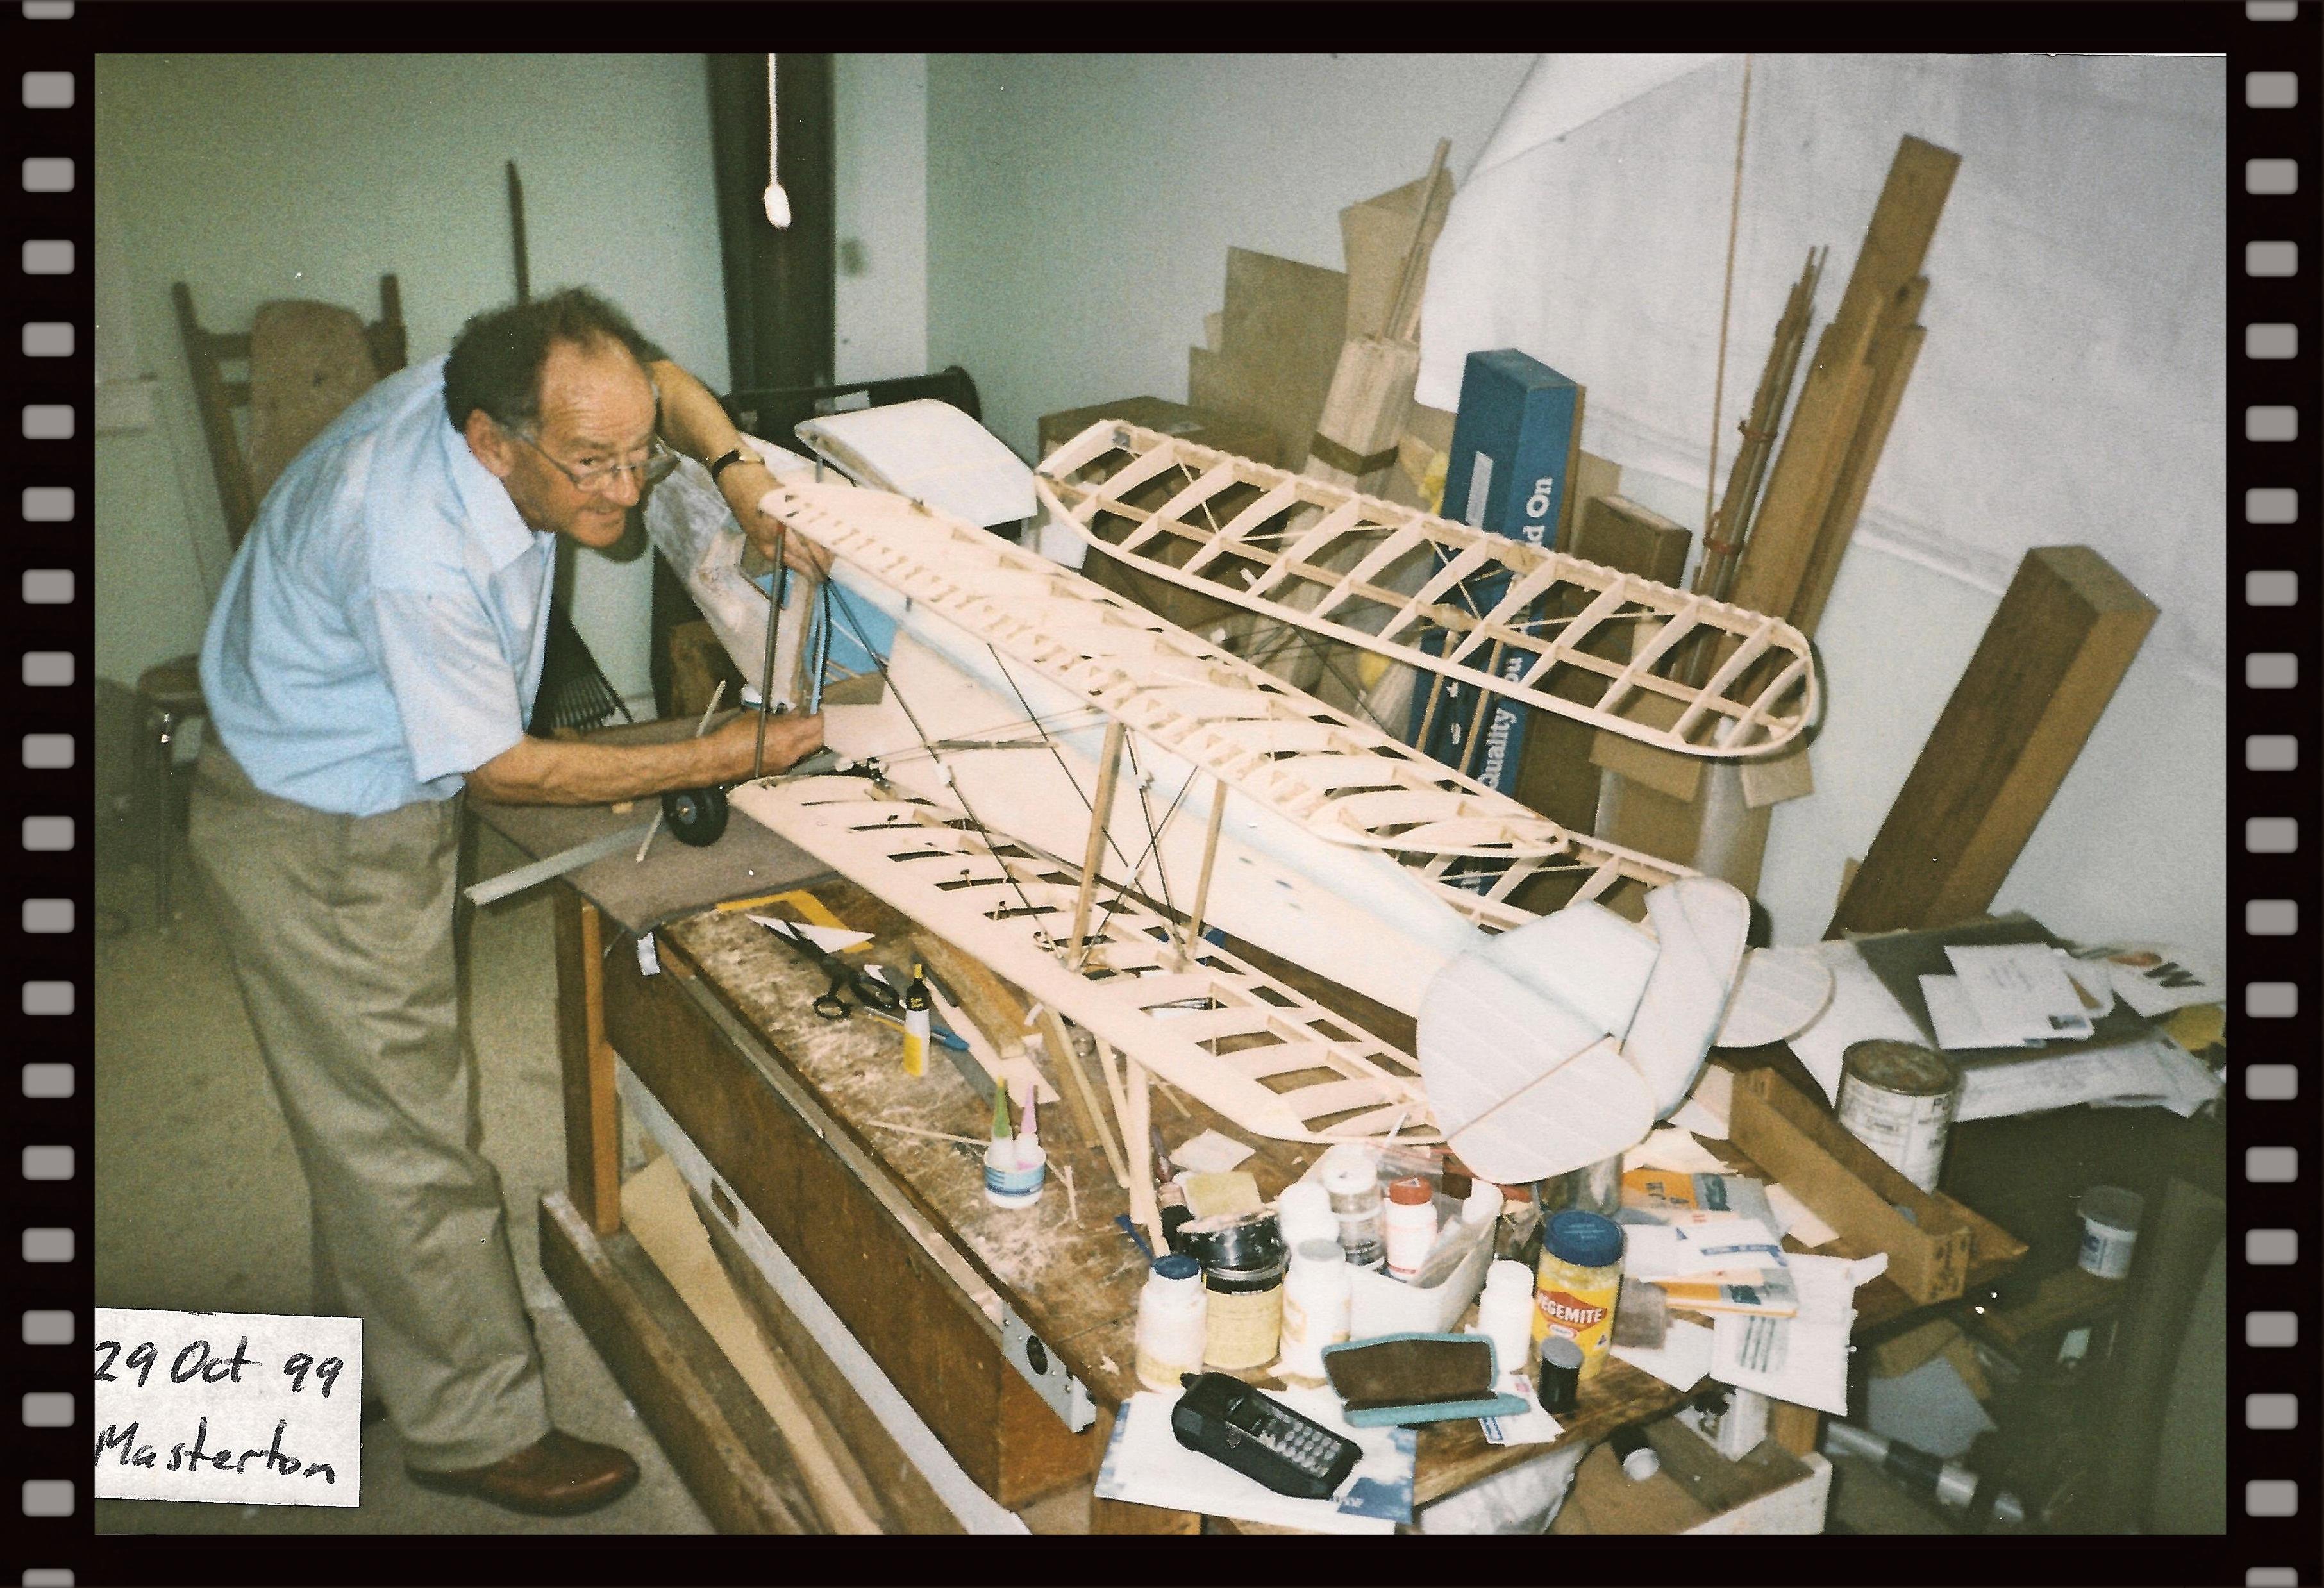 1999-10-29, Masterton B&F 8_Fotor